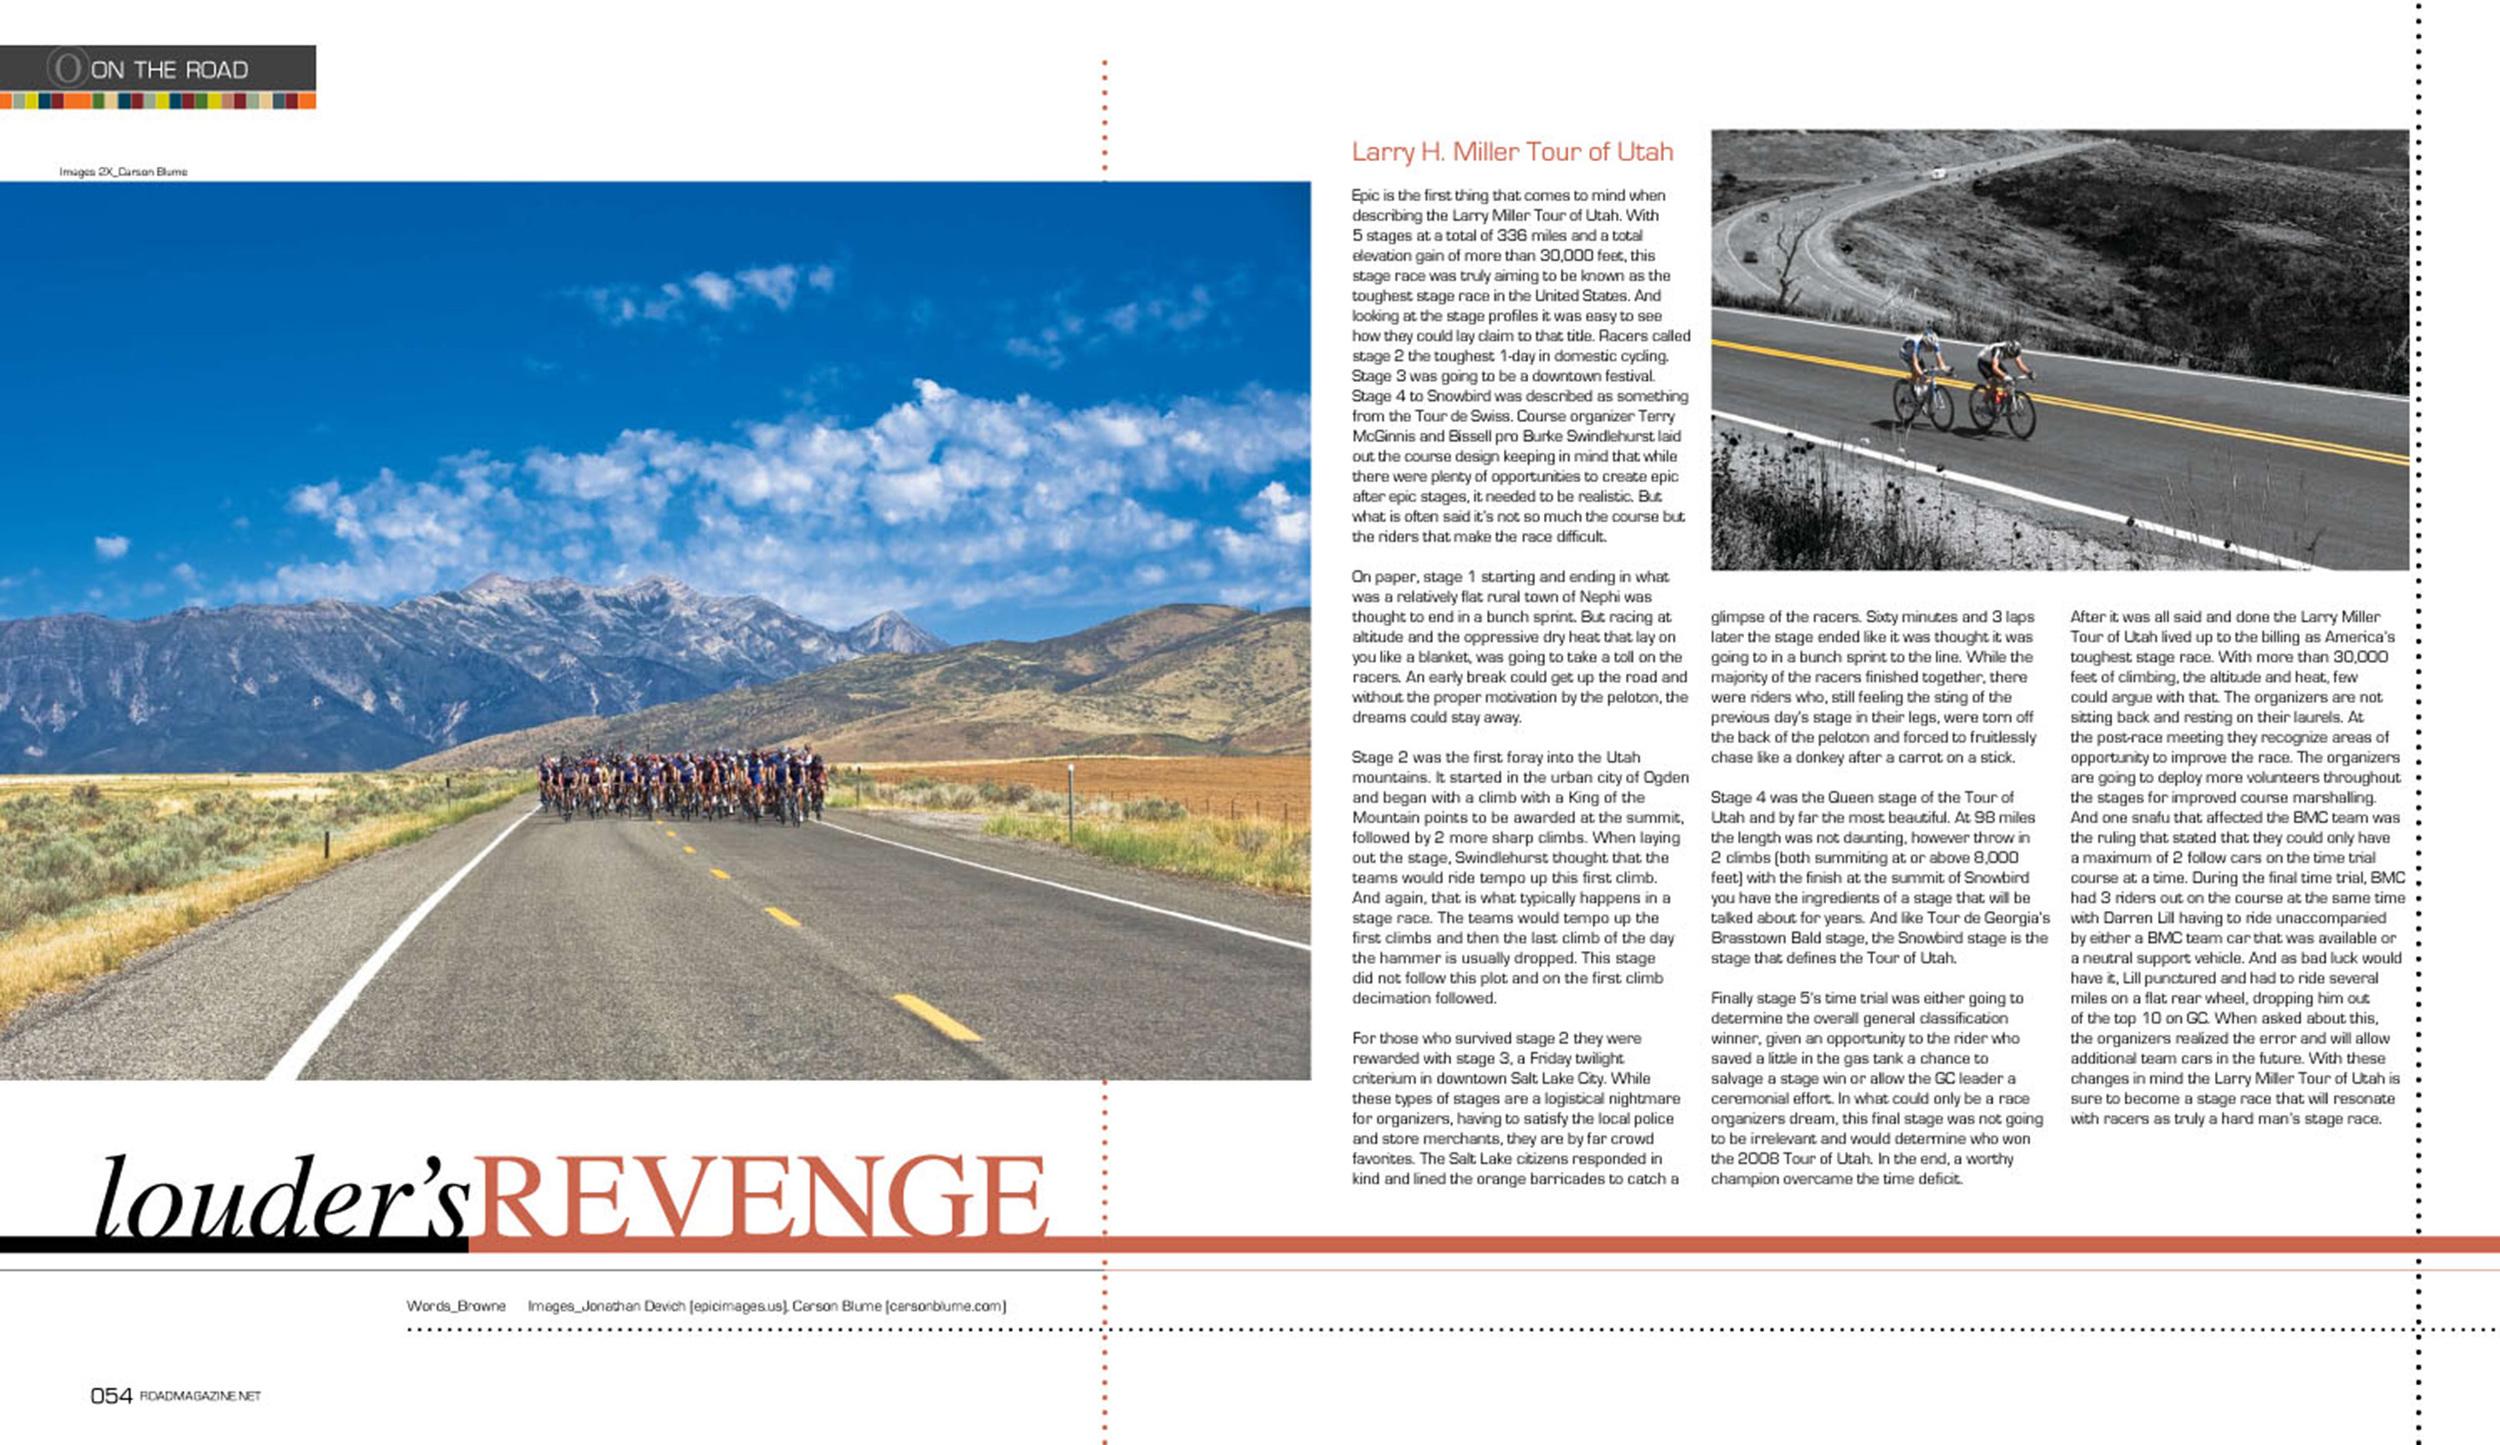 08_Tour-of-Utah-1-copy.jpg